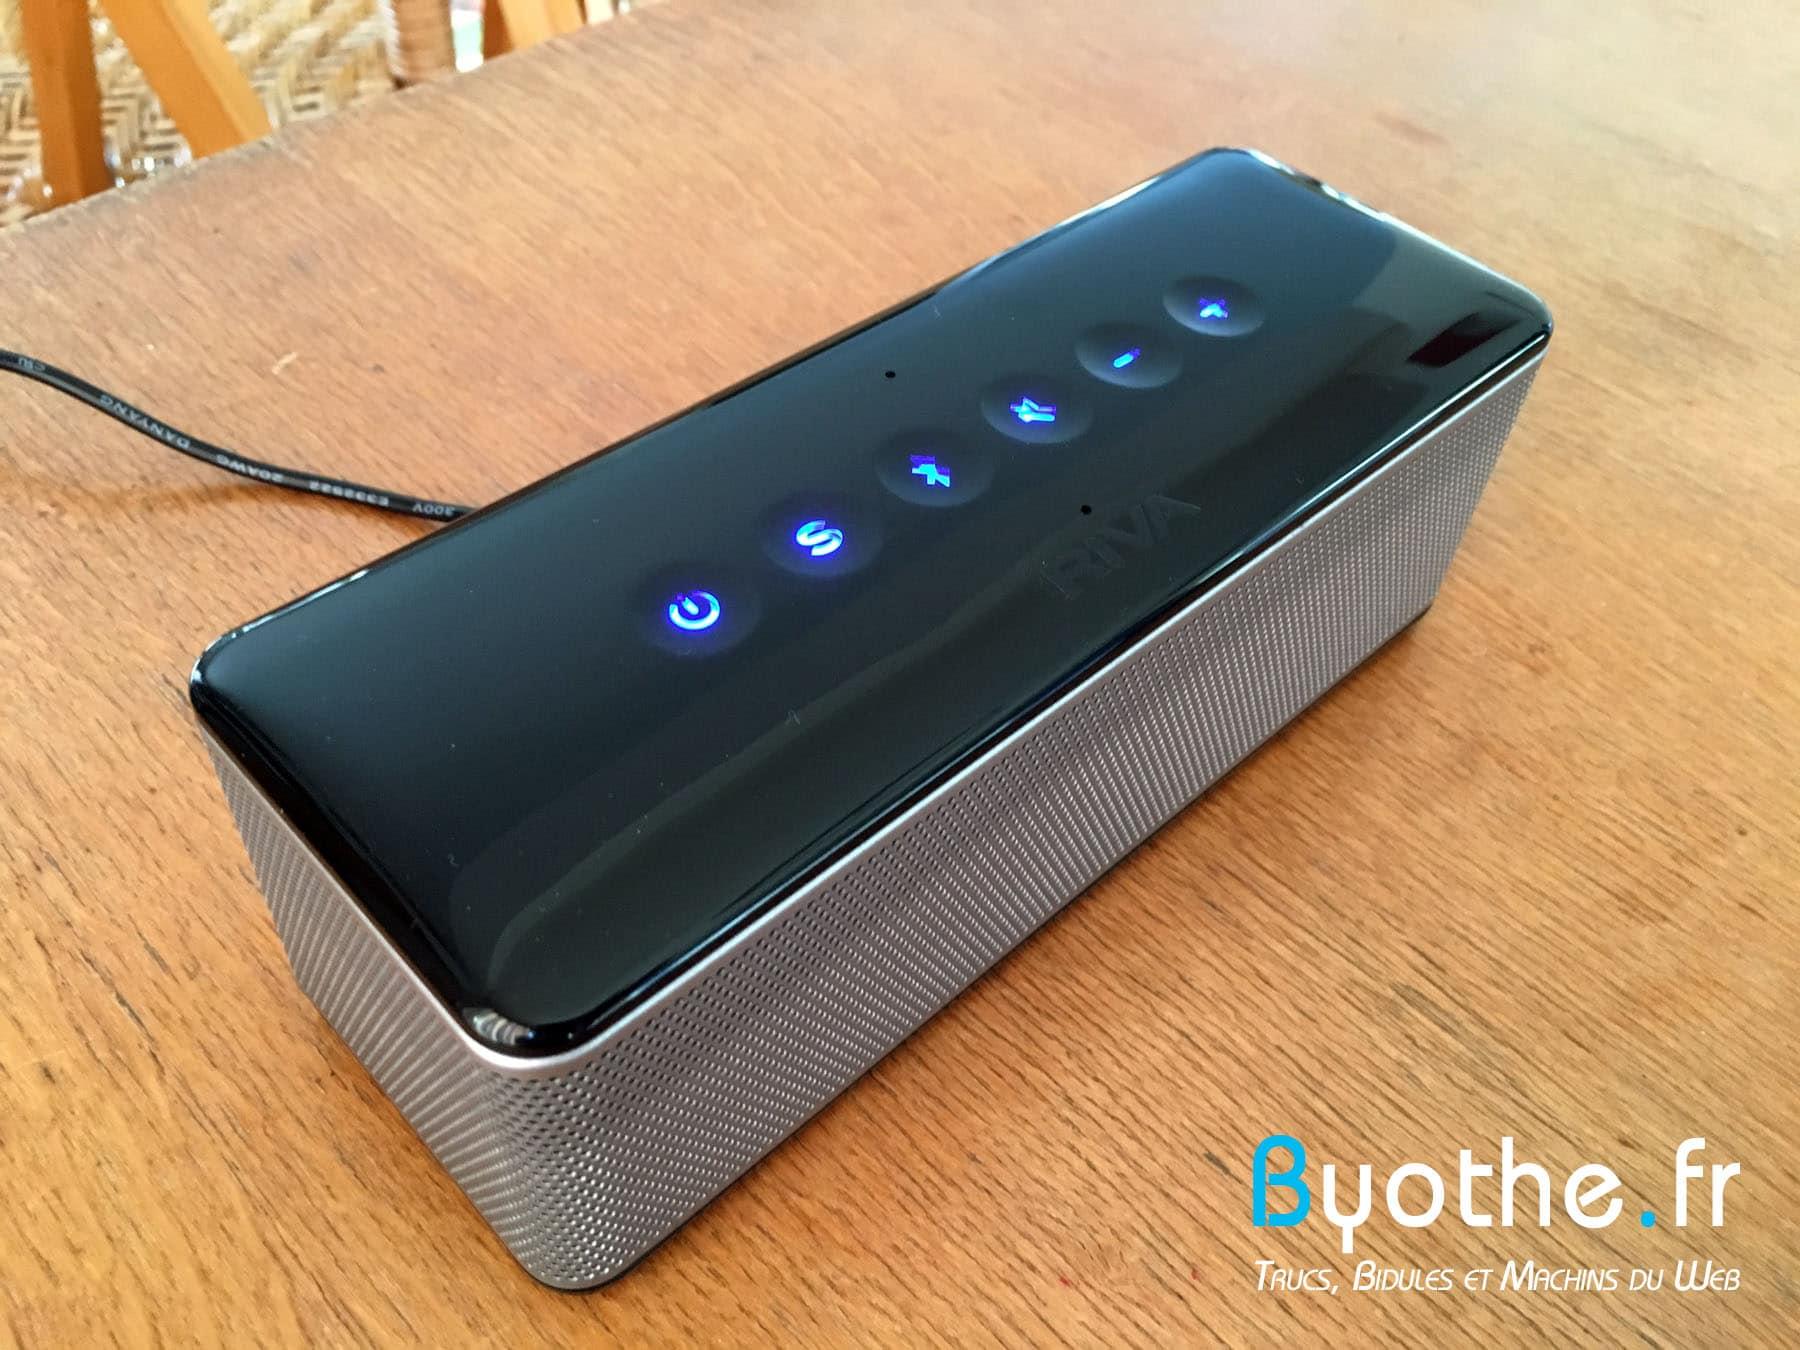 riva-s-byothe-7 Test : RIVA S une enceinte Bluetooth portable qui en a sous le capot !